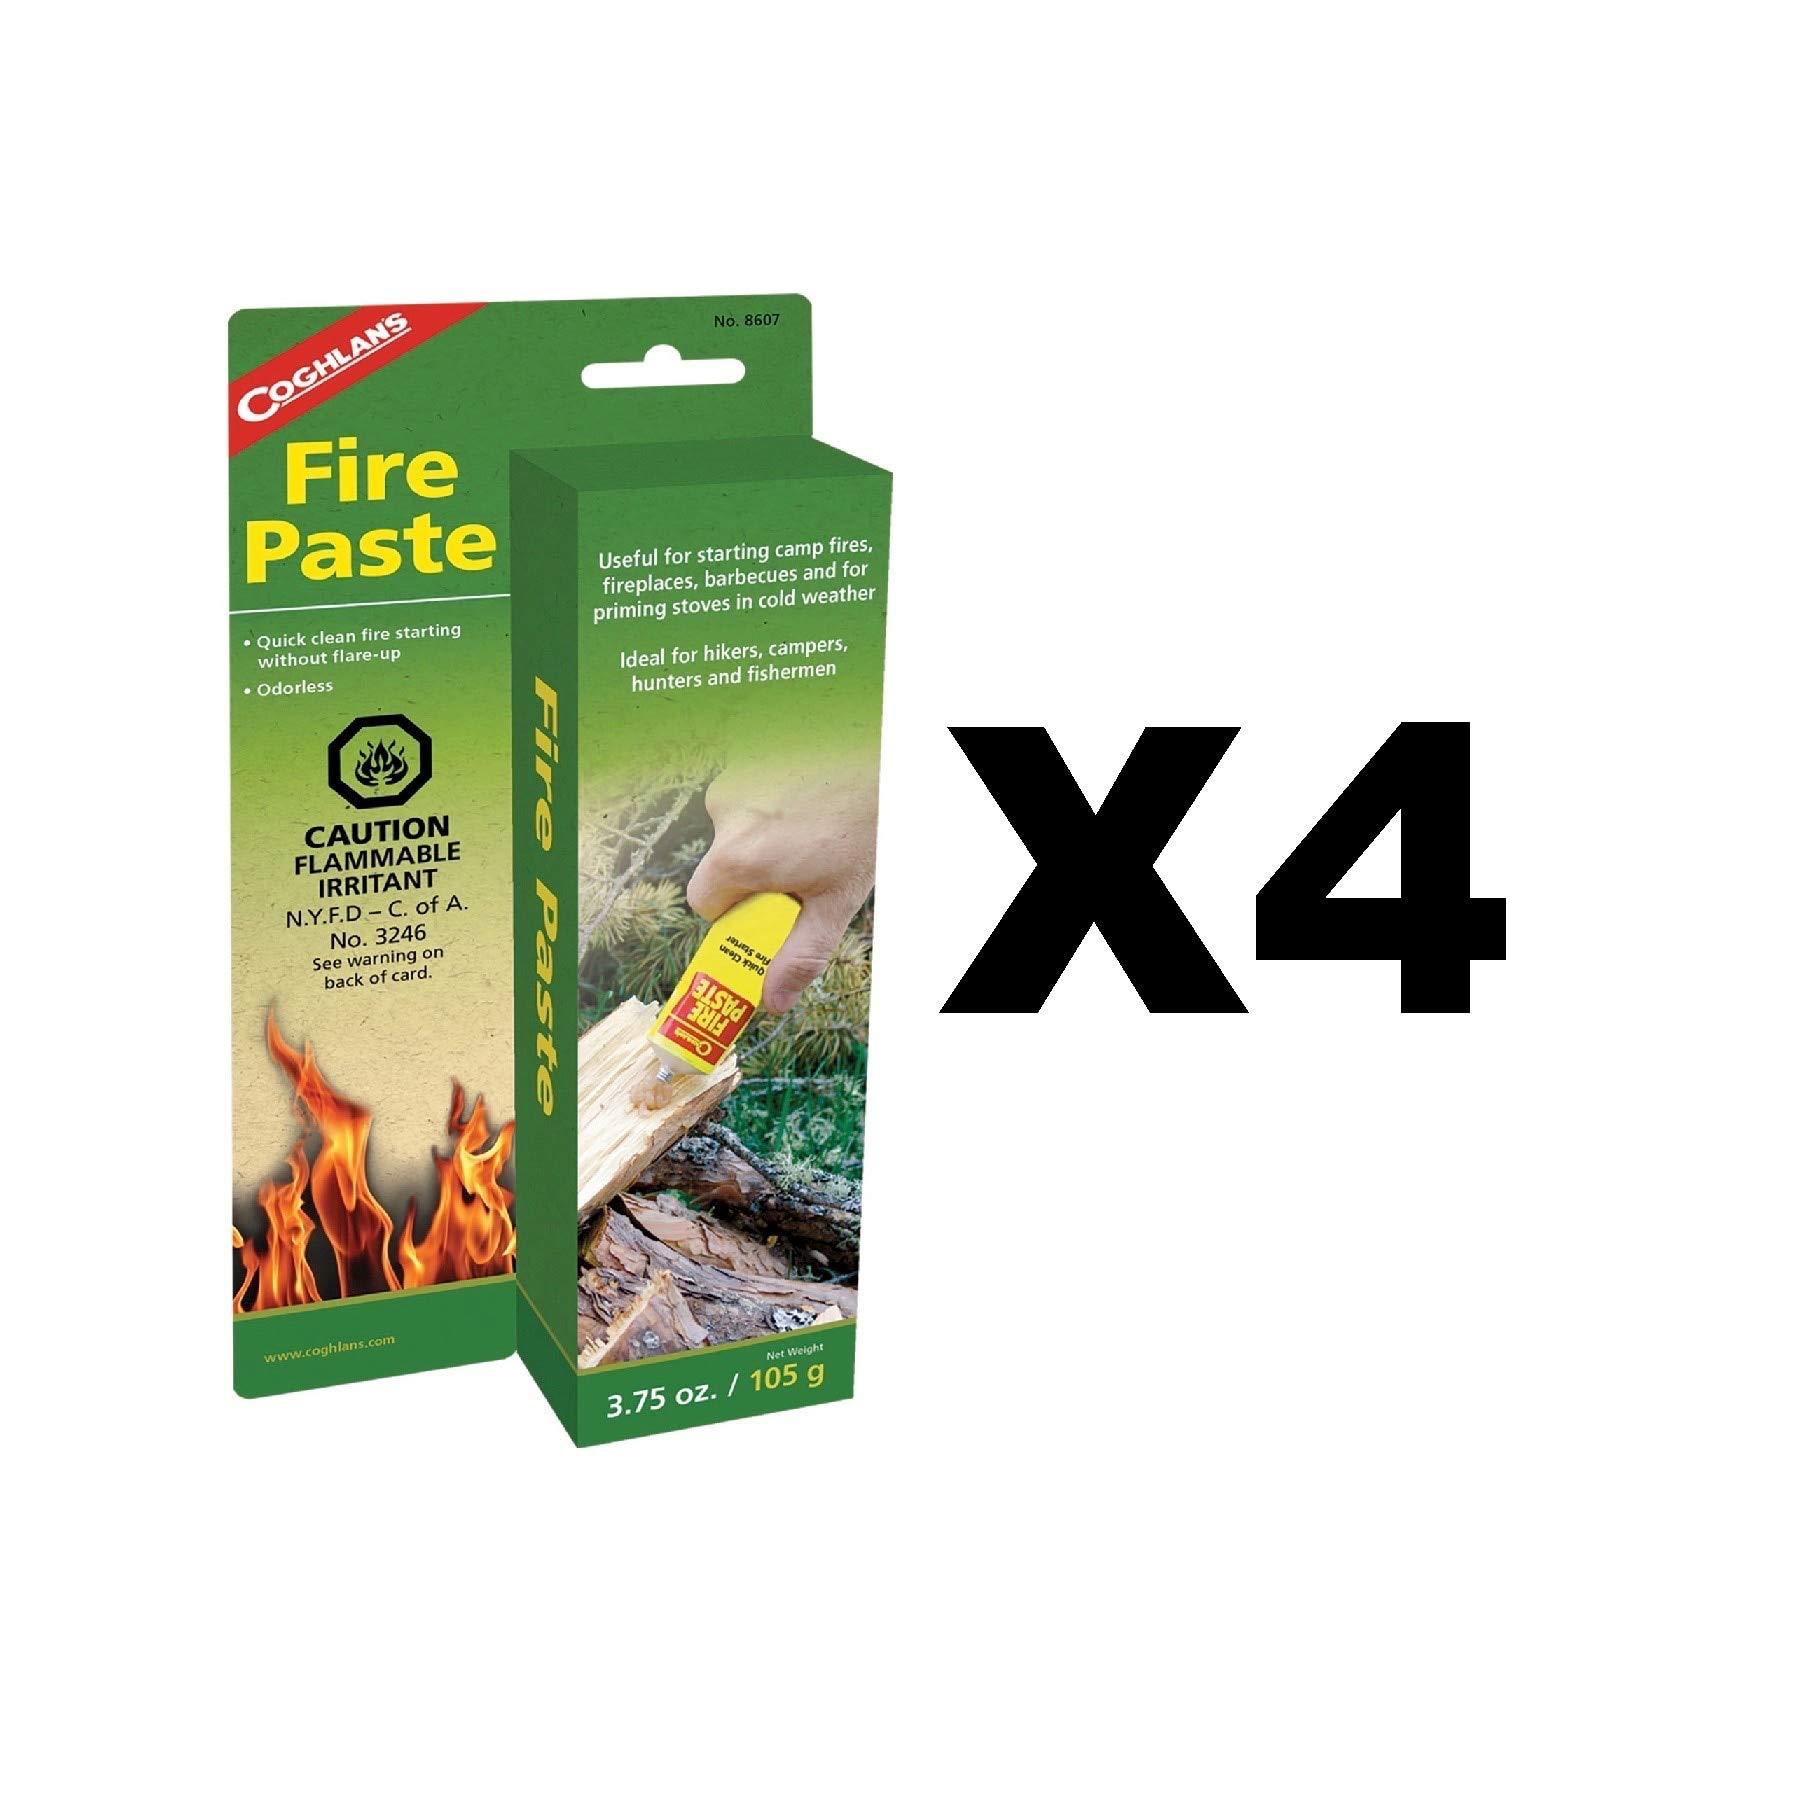 Coghlan's 8607 3.75 Oz Fire Paste